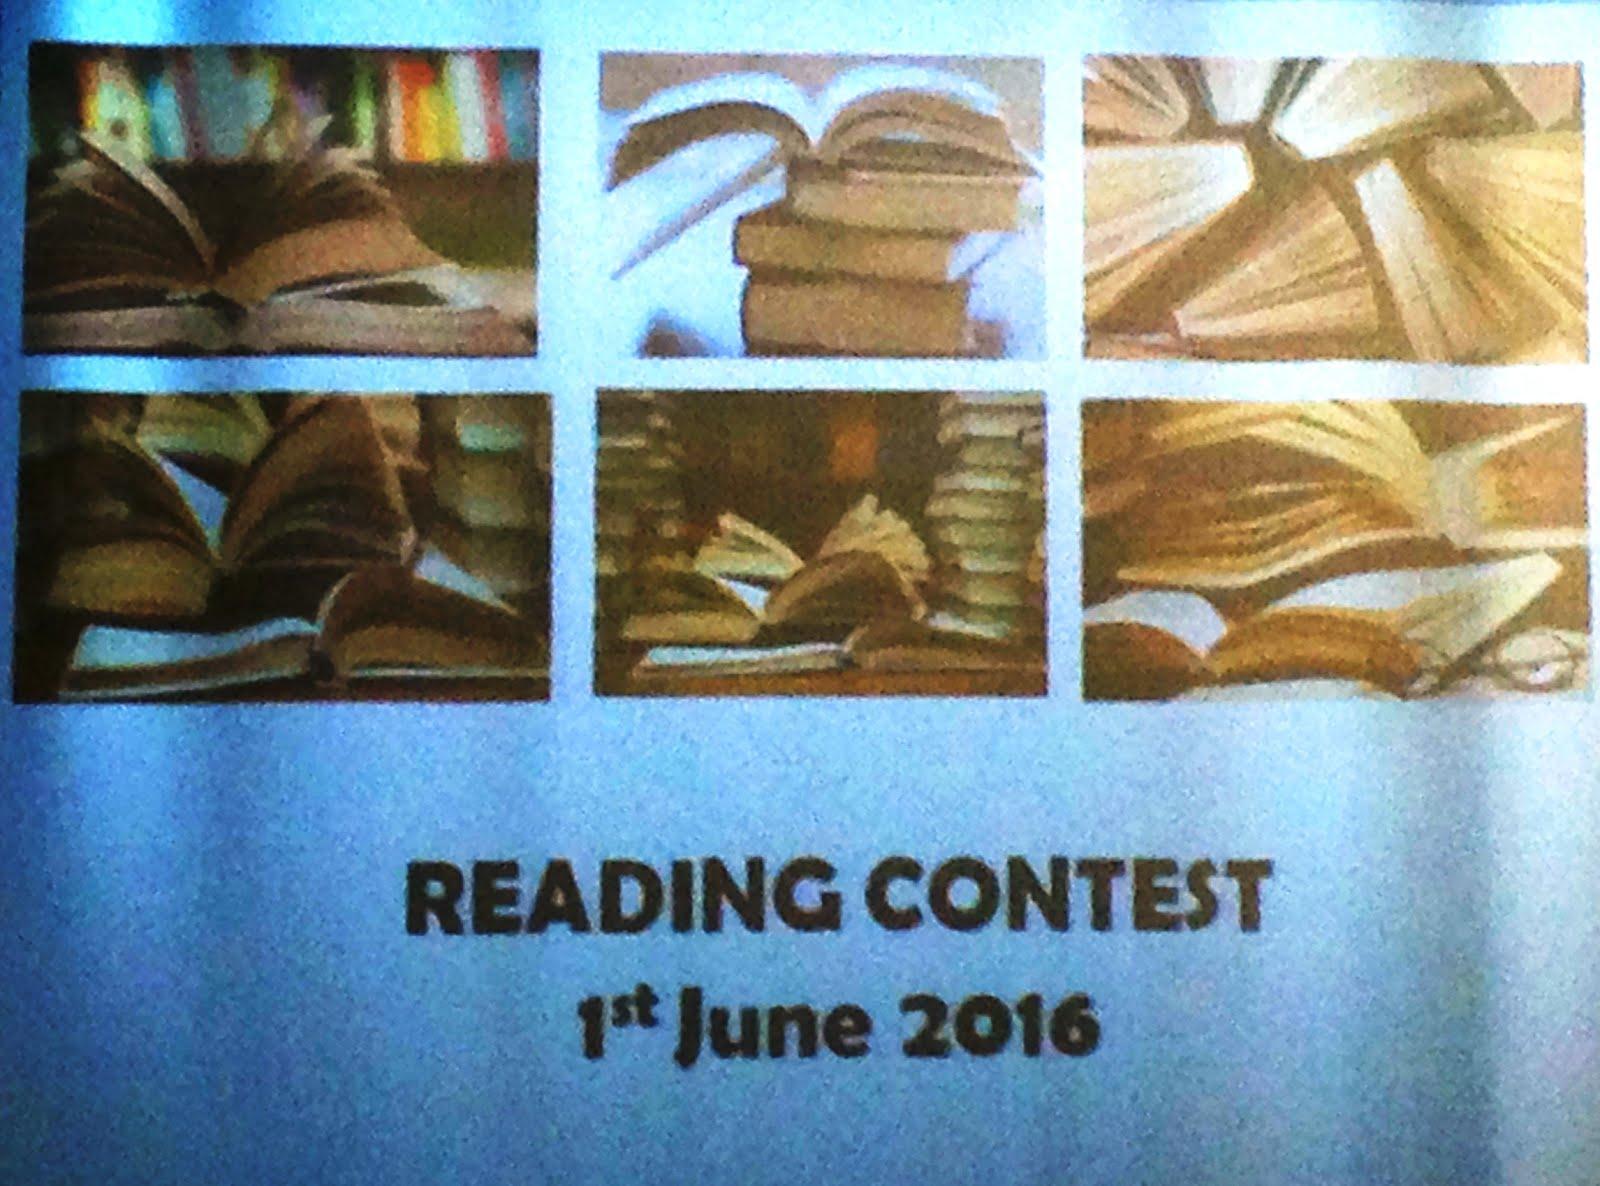 Concurso de Leitura em Língua Inglesa